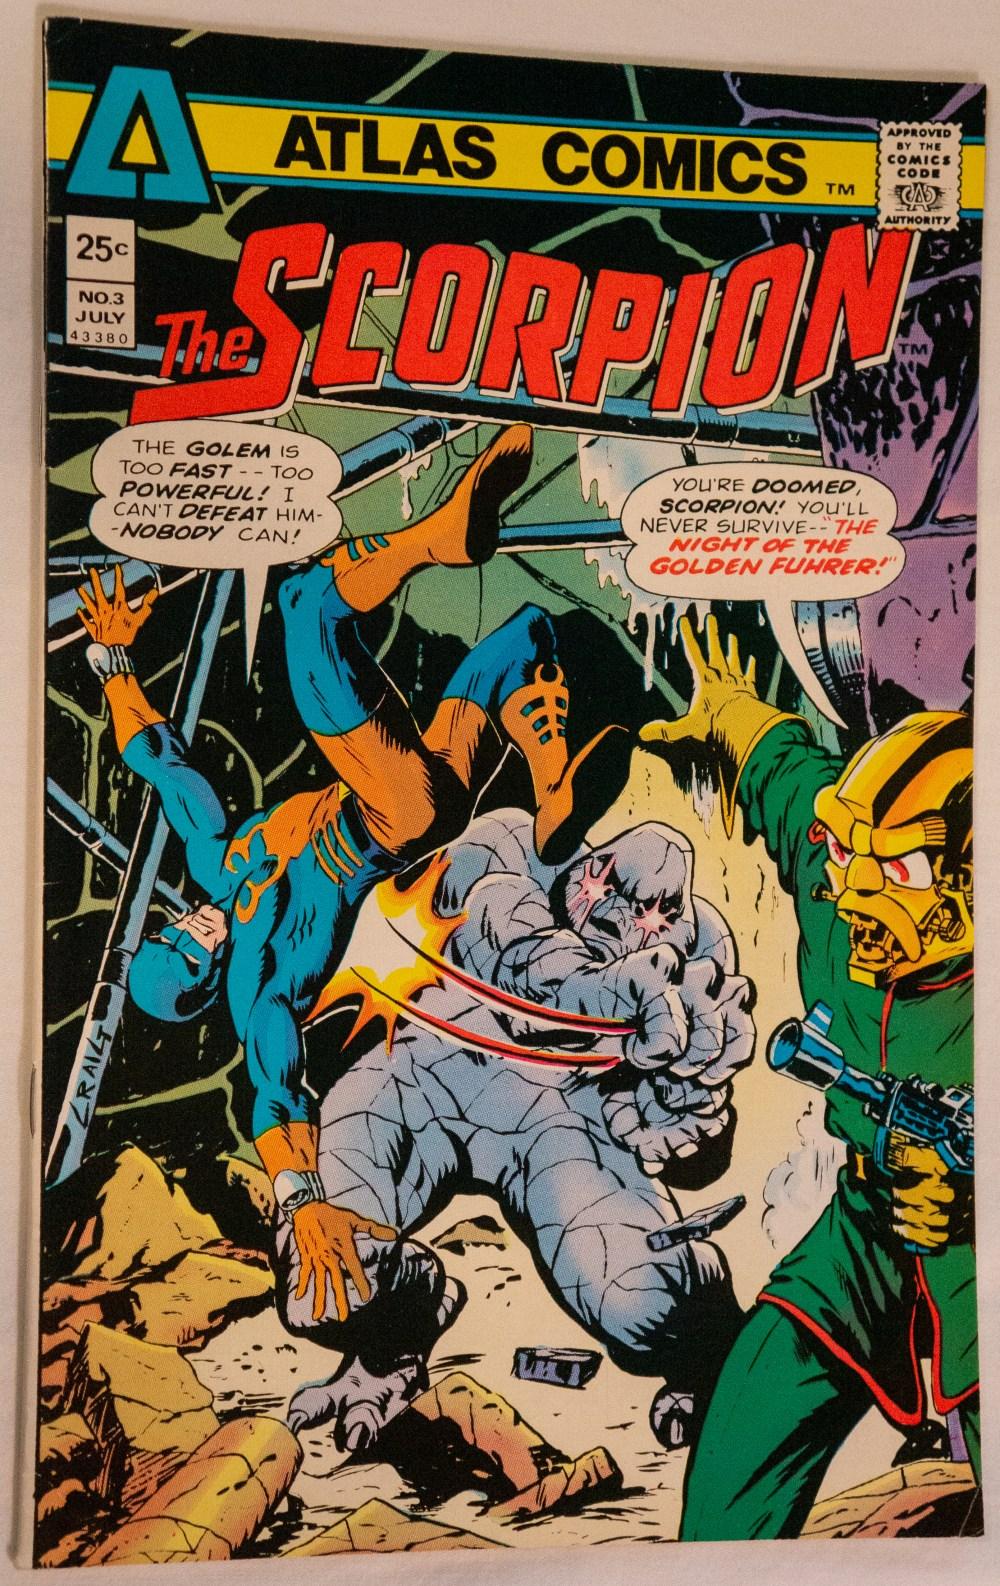 The Scorpion #3